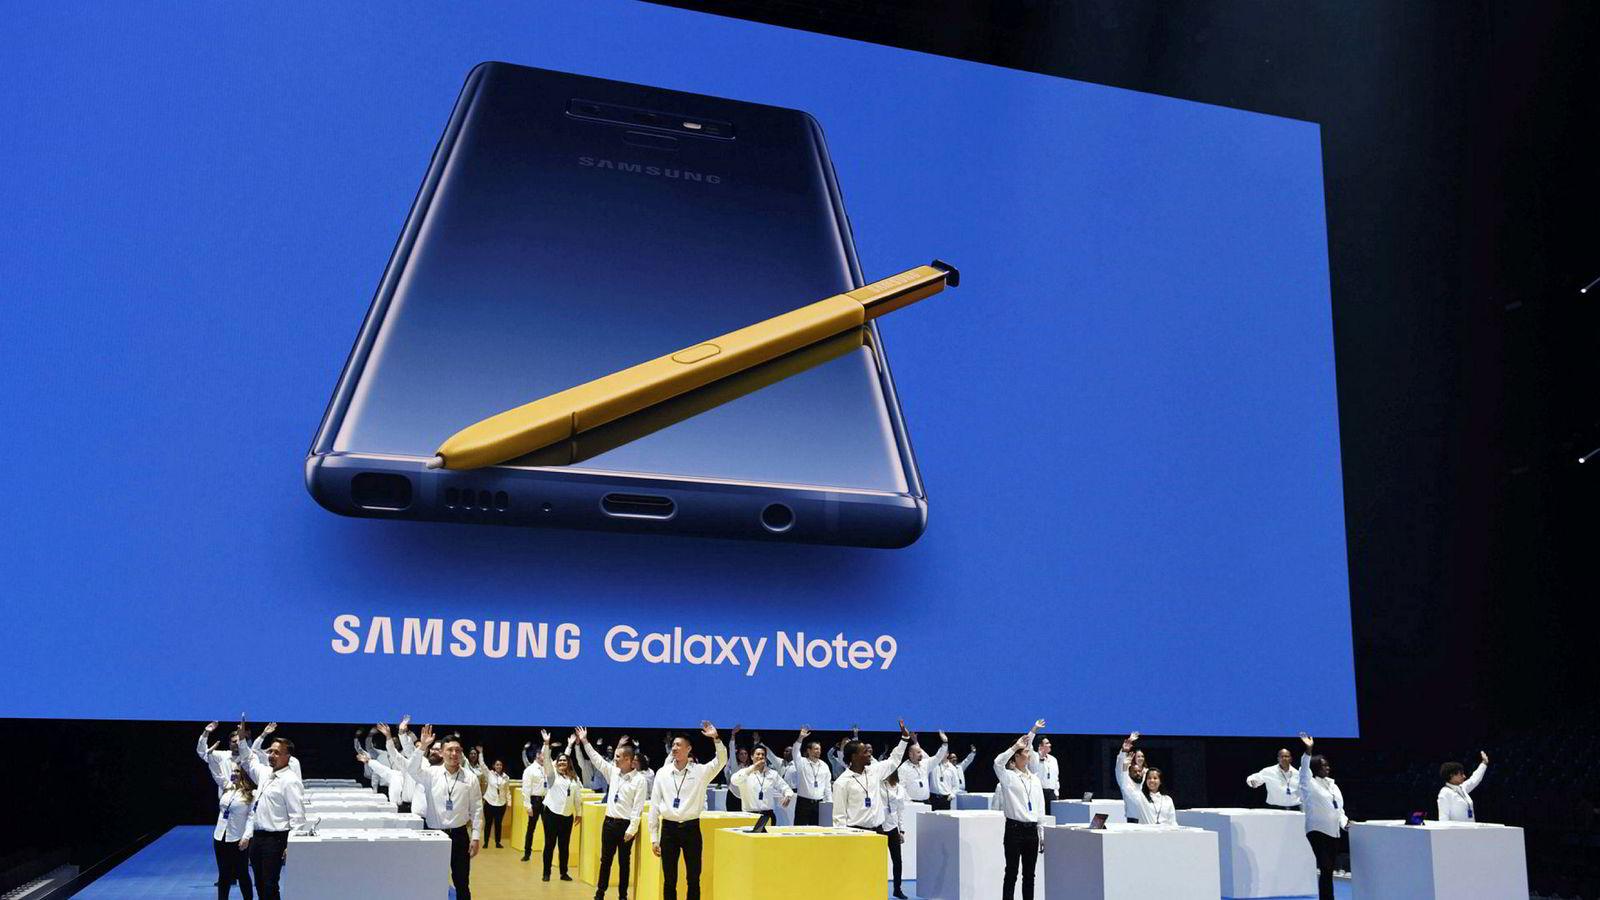 Samsung Note9 ble lansert denne uken. Den store smarttelefonen sikter seg inn mot de mest kresne kundene.